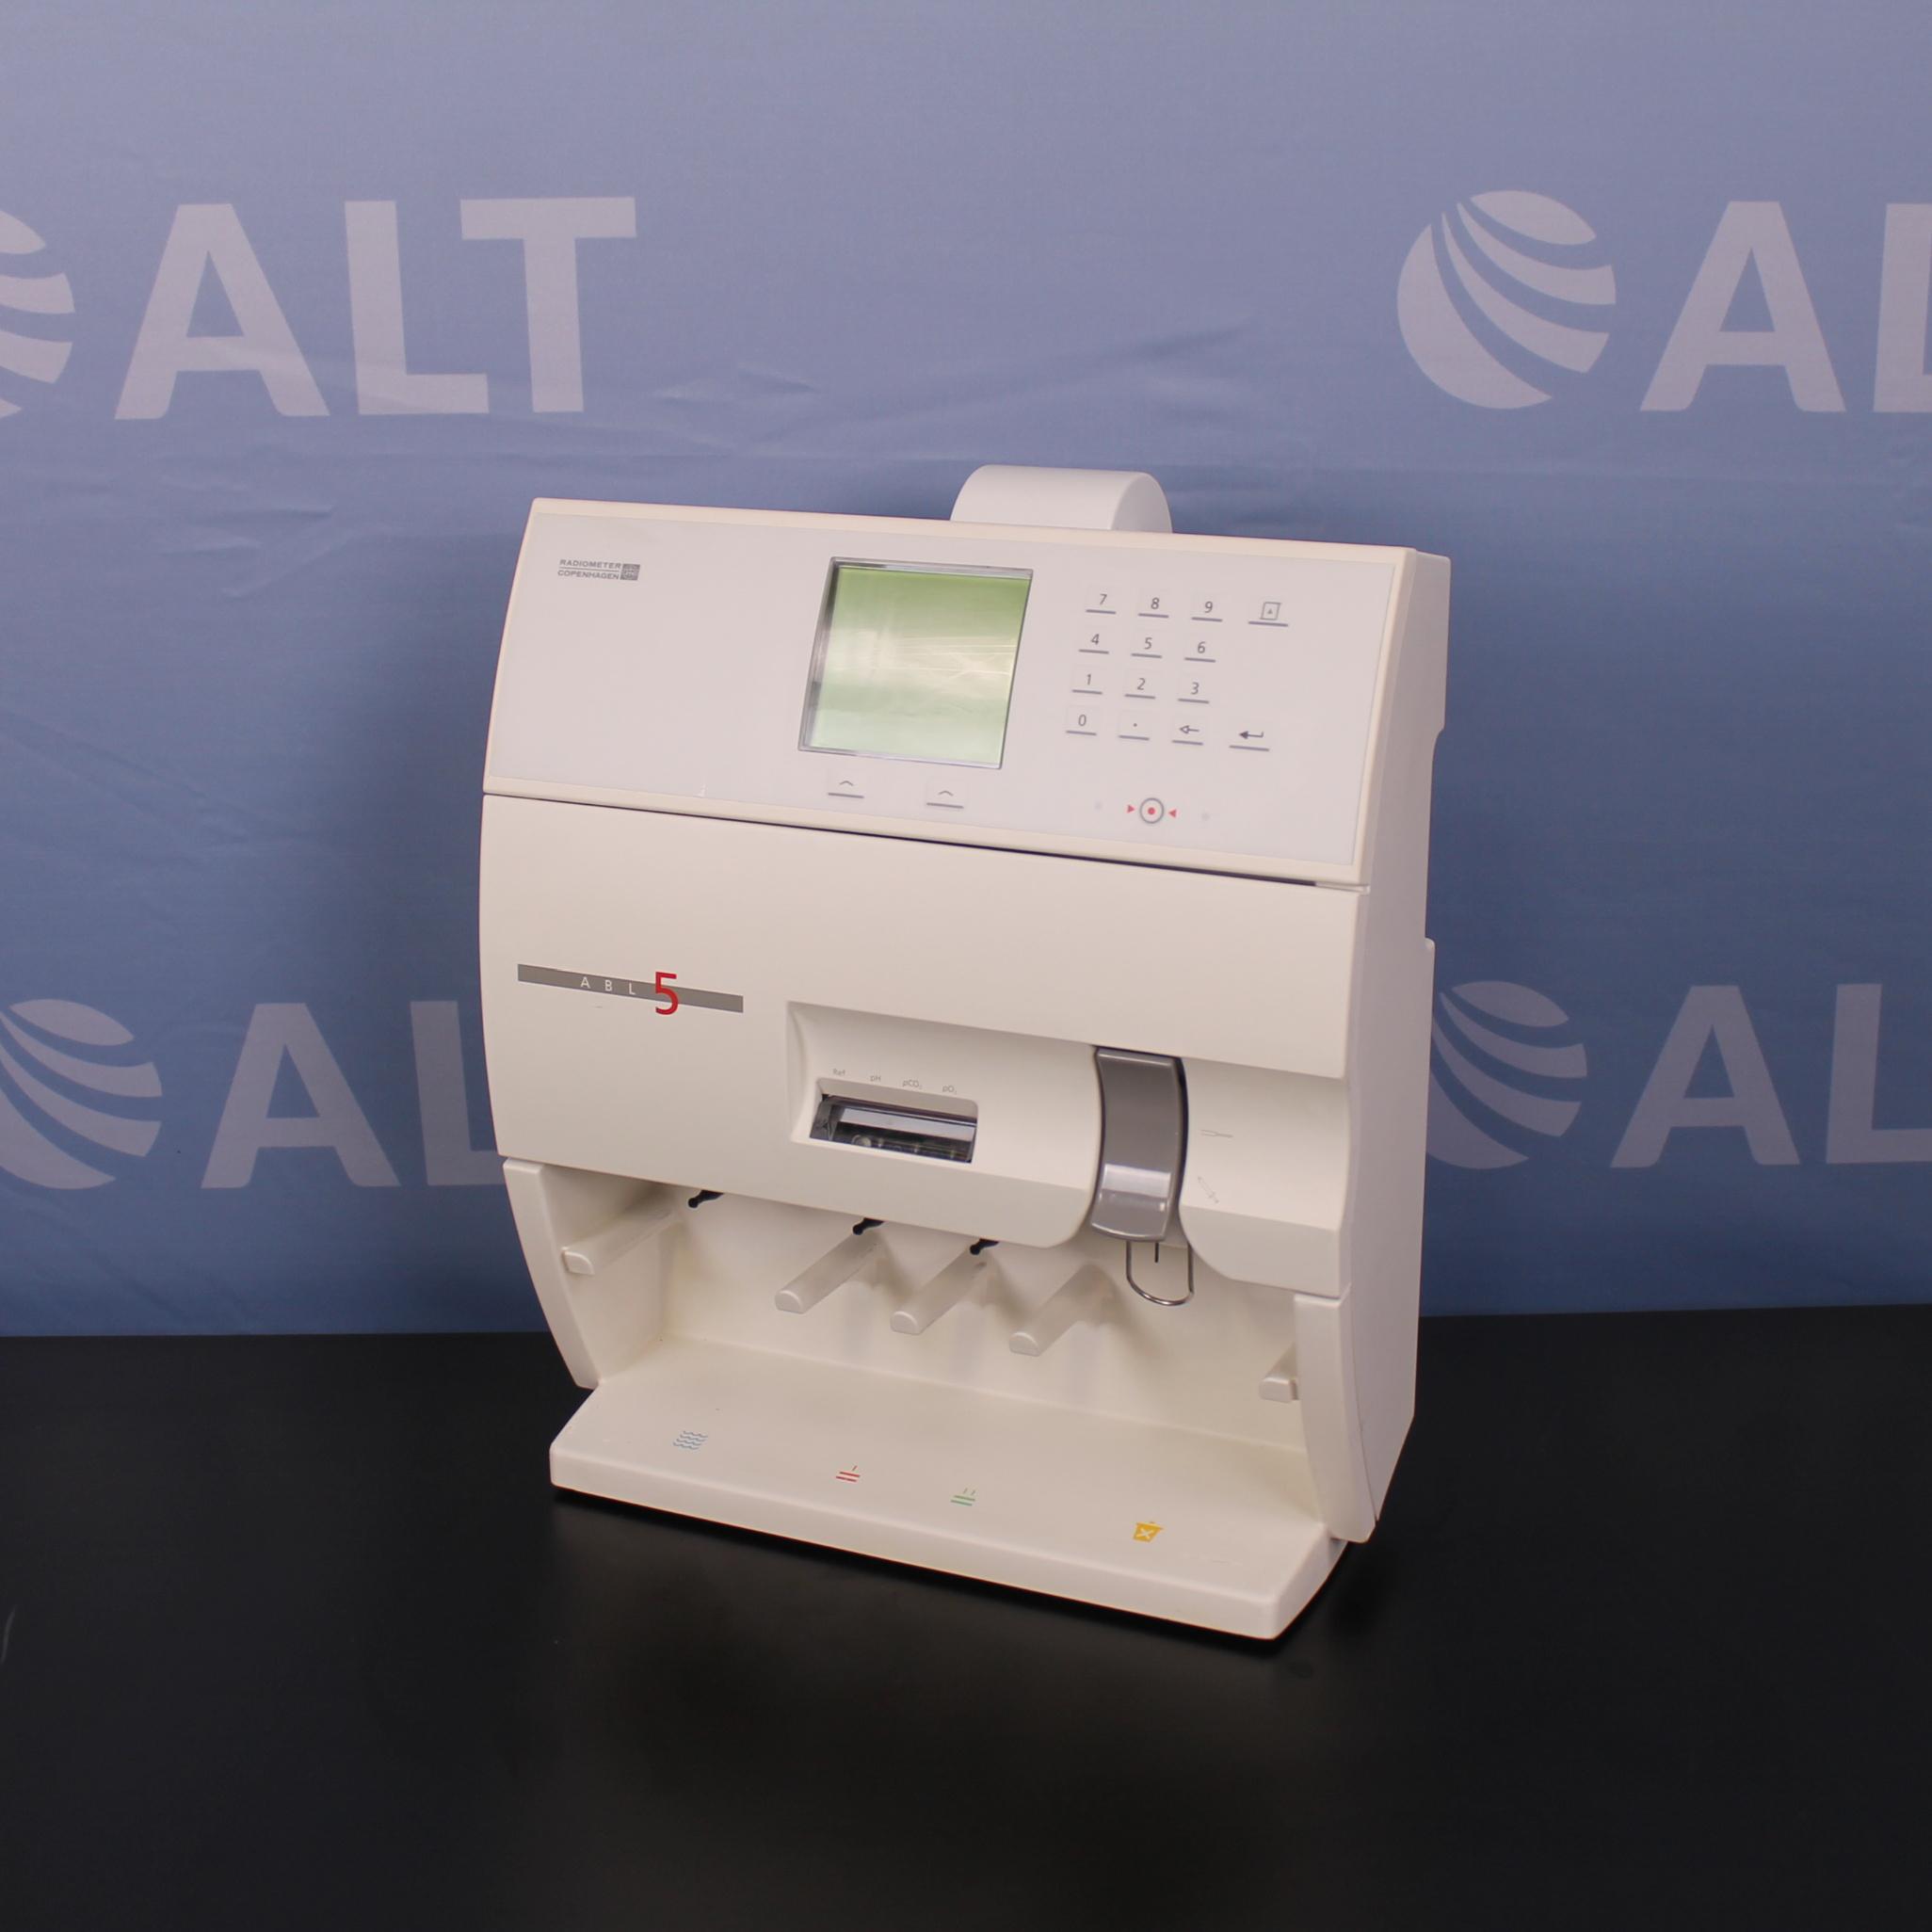 Radiometer ABL5 Blood Gas Analyzer Image